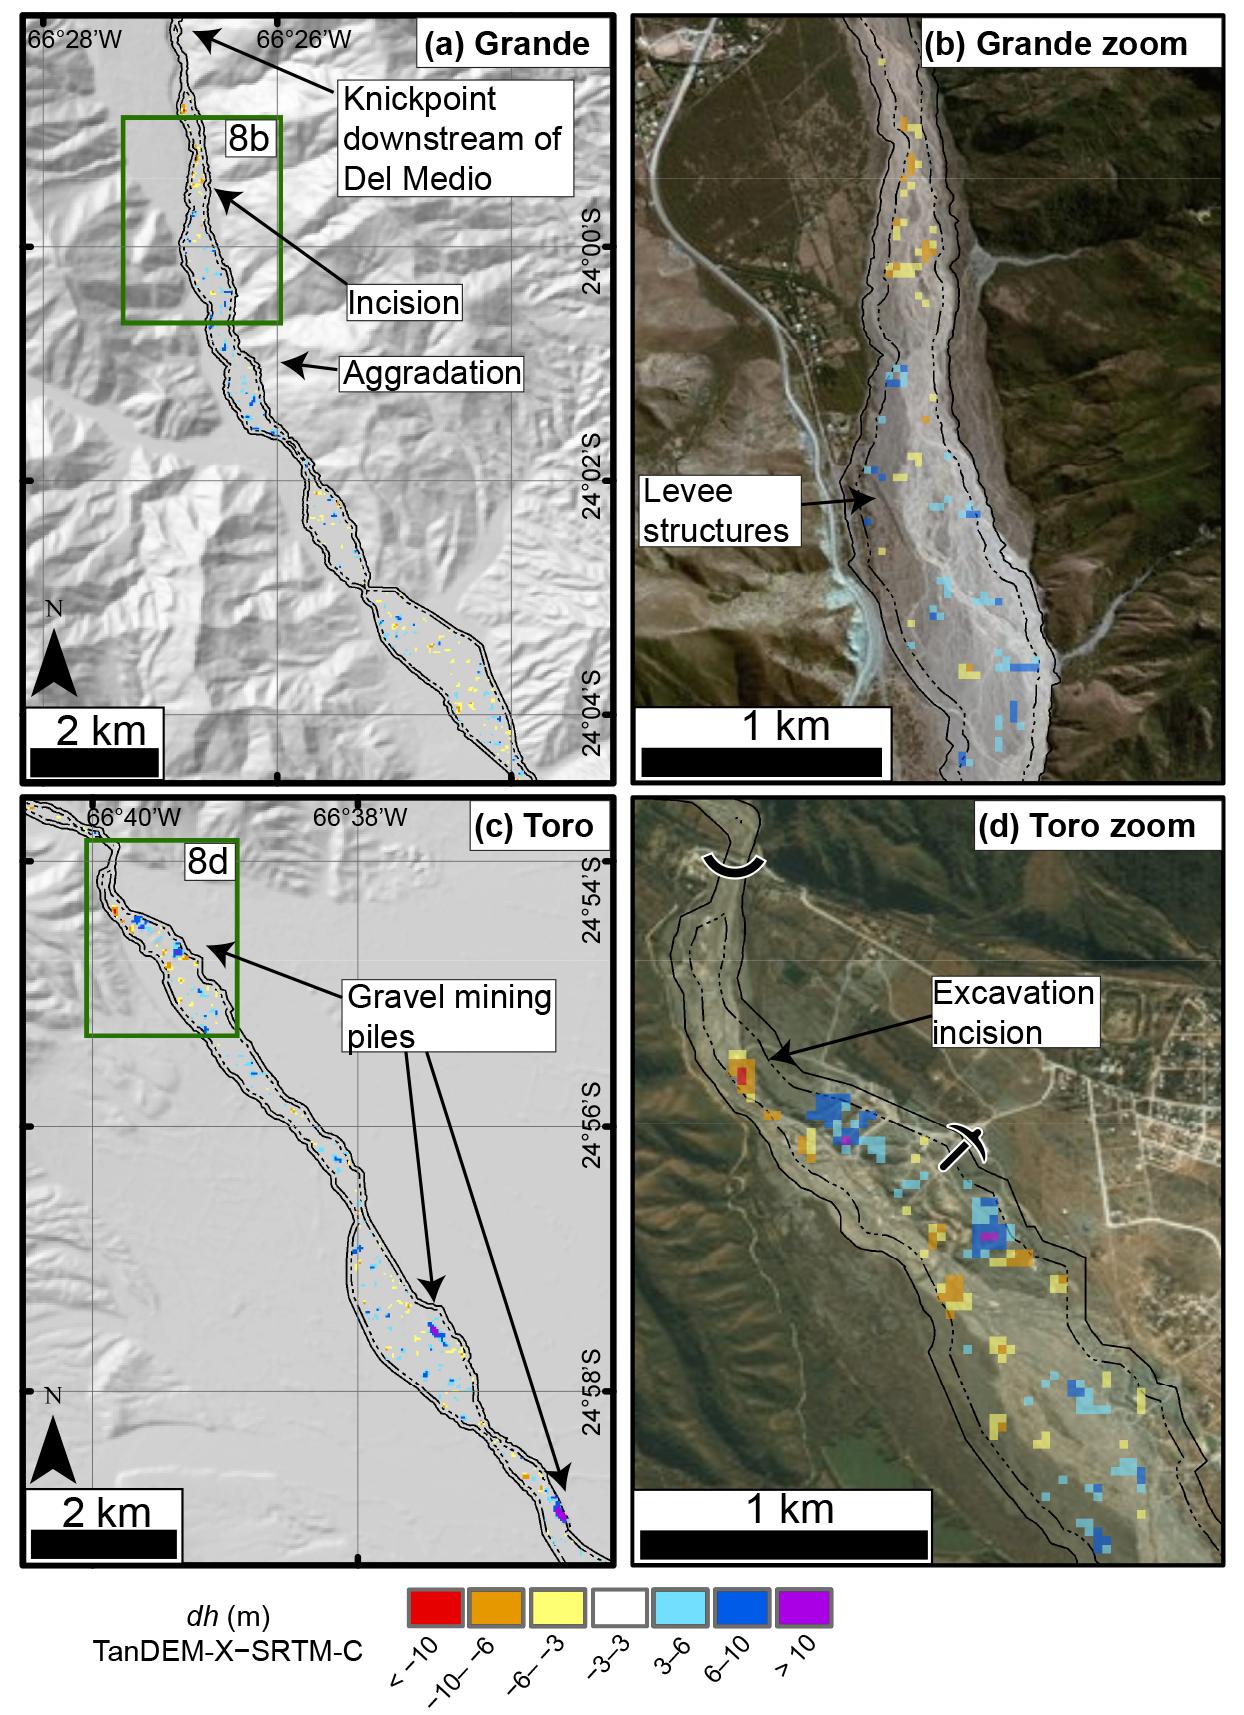 Esurf measuring decadal vertical land-level changes from srtm-c.